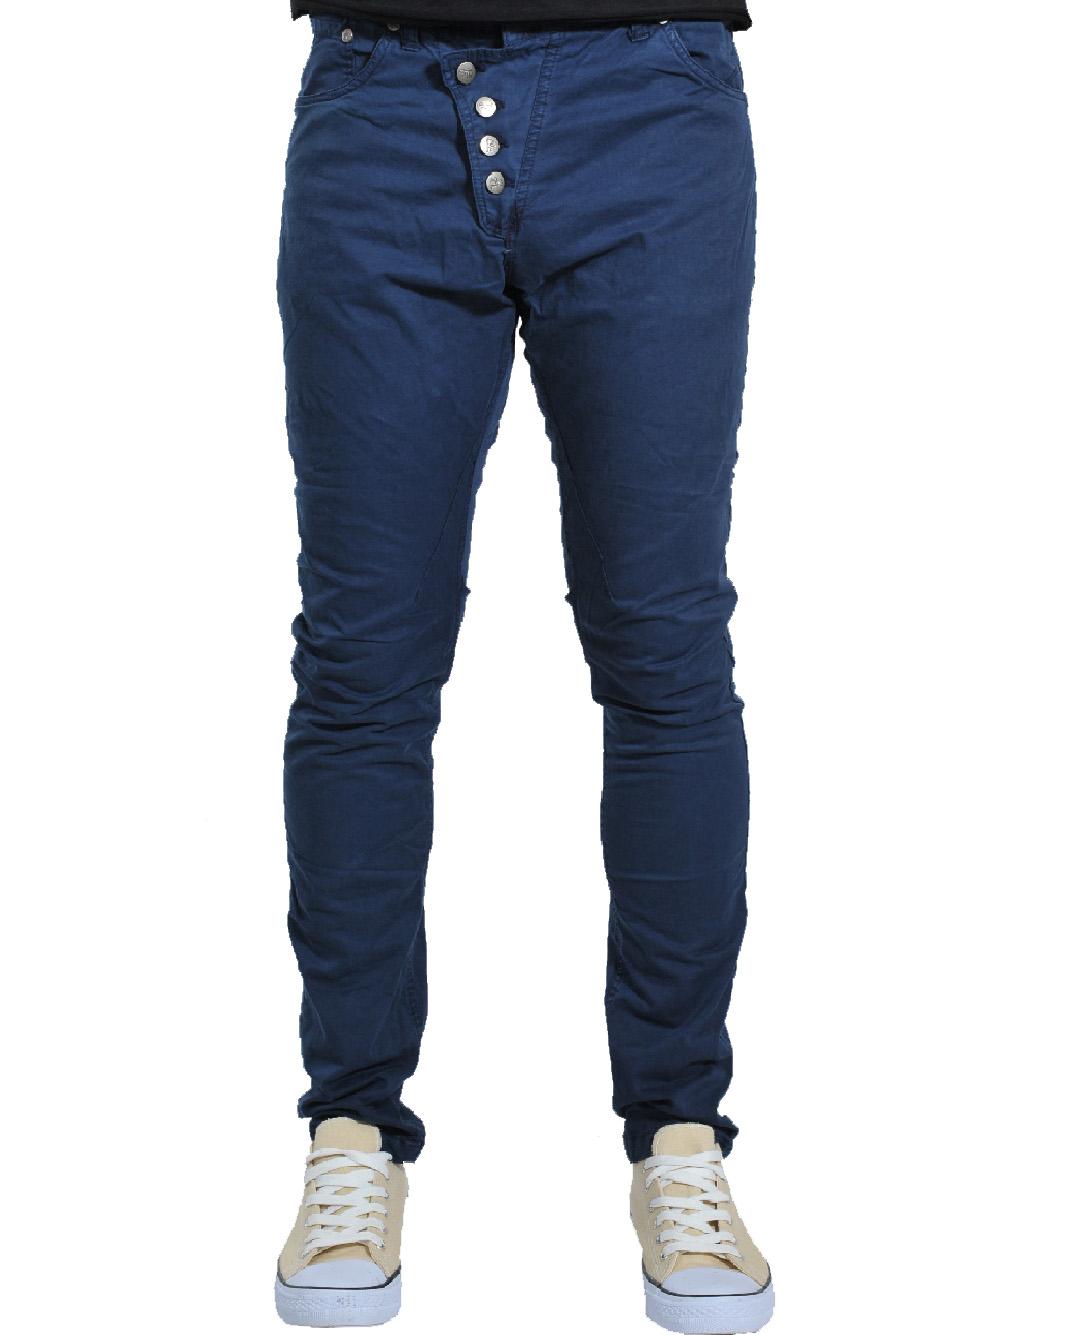 Ανδρικό Chino Παντελόνι D. Blue Crooked-Μπλε Σκούρο αρχική ανδρικά ρούχα παντελόνια chinos